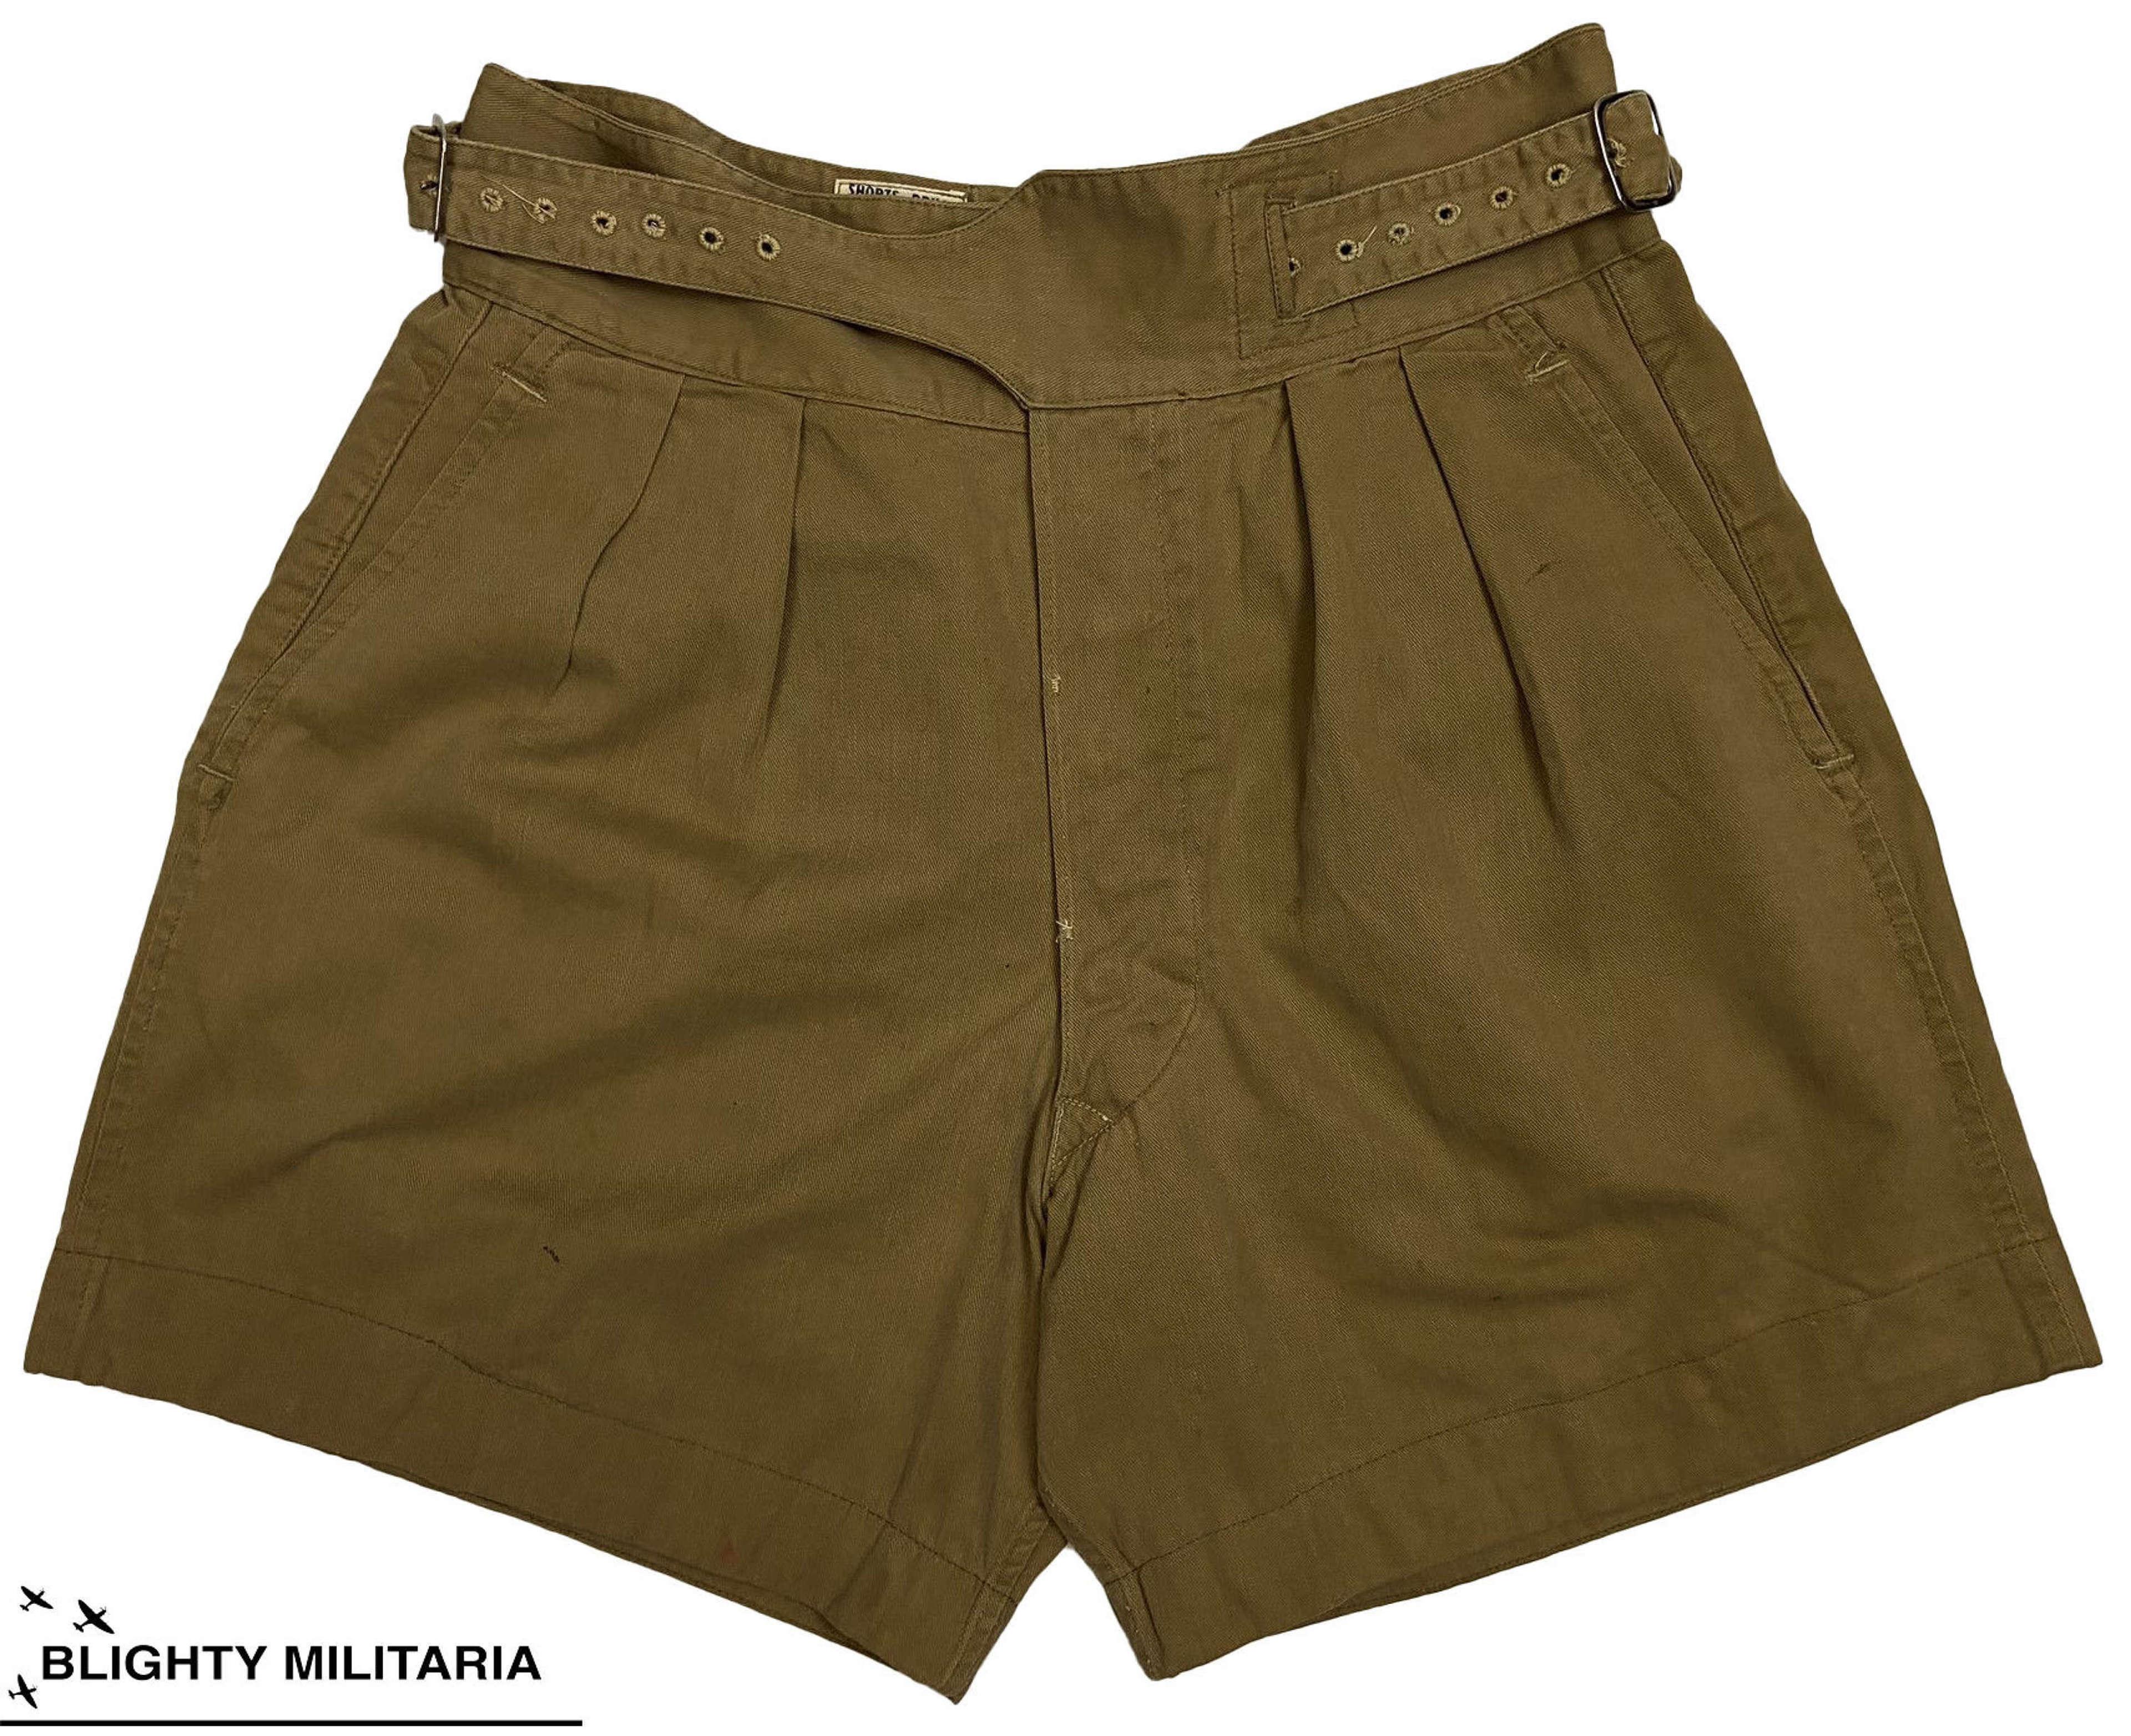 Original 1954 Dated British 1950 Pattern Khaki Drill Shorts - Size 8